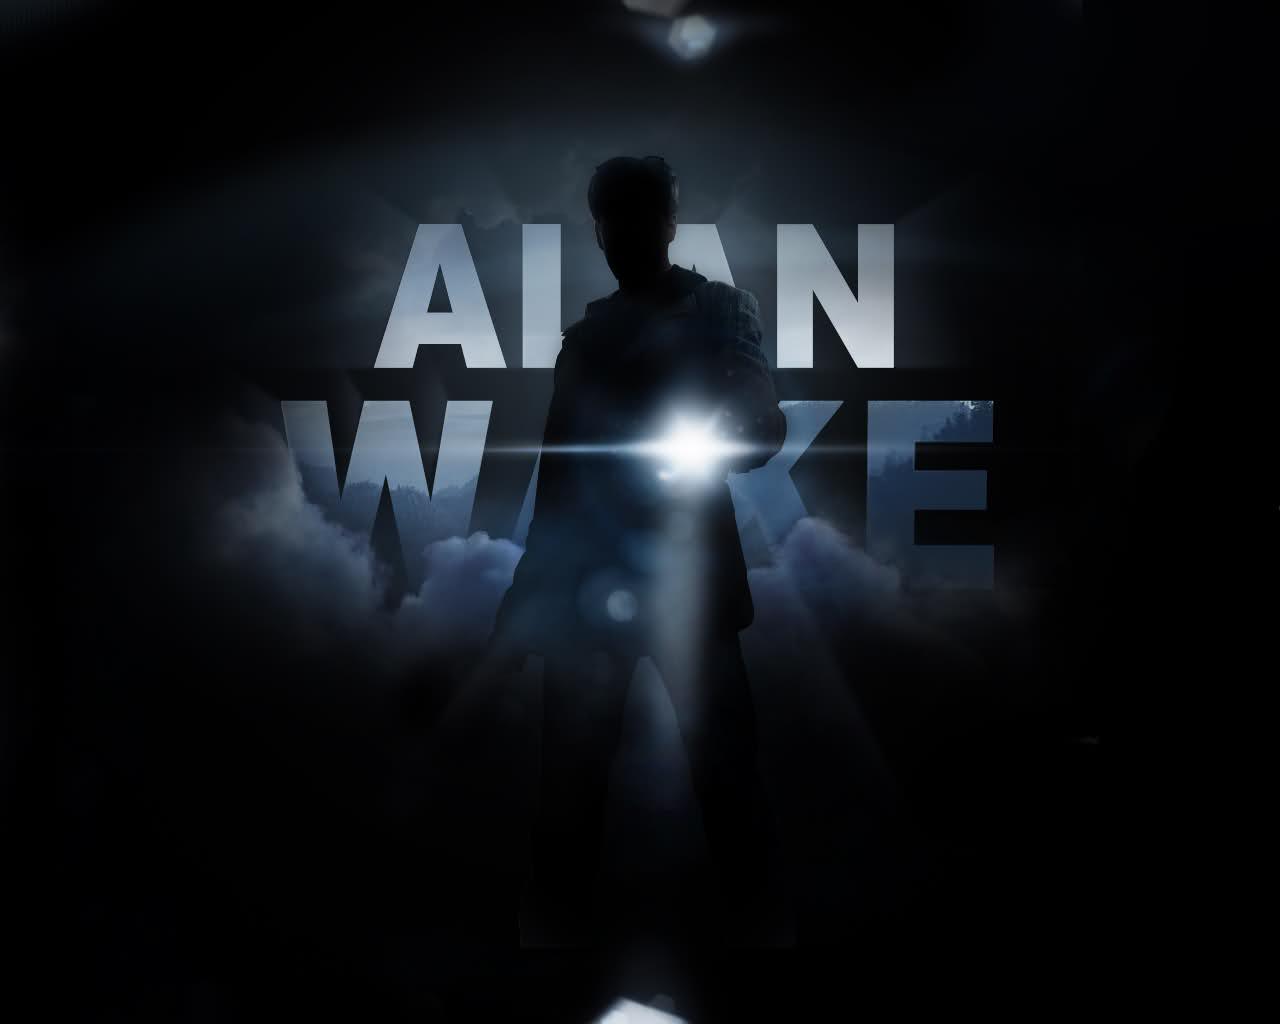 http://www.startvideojuegos.com/wp-content/uploads/2014/07/Alan-Wake-image-destacada-analisis-startvideojuegos.jpg